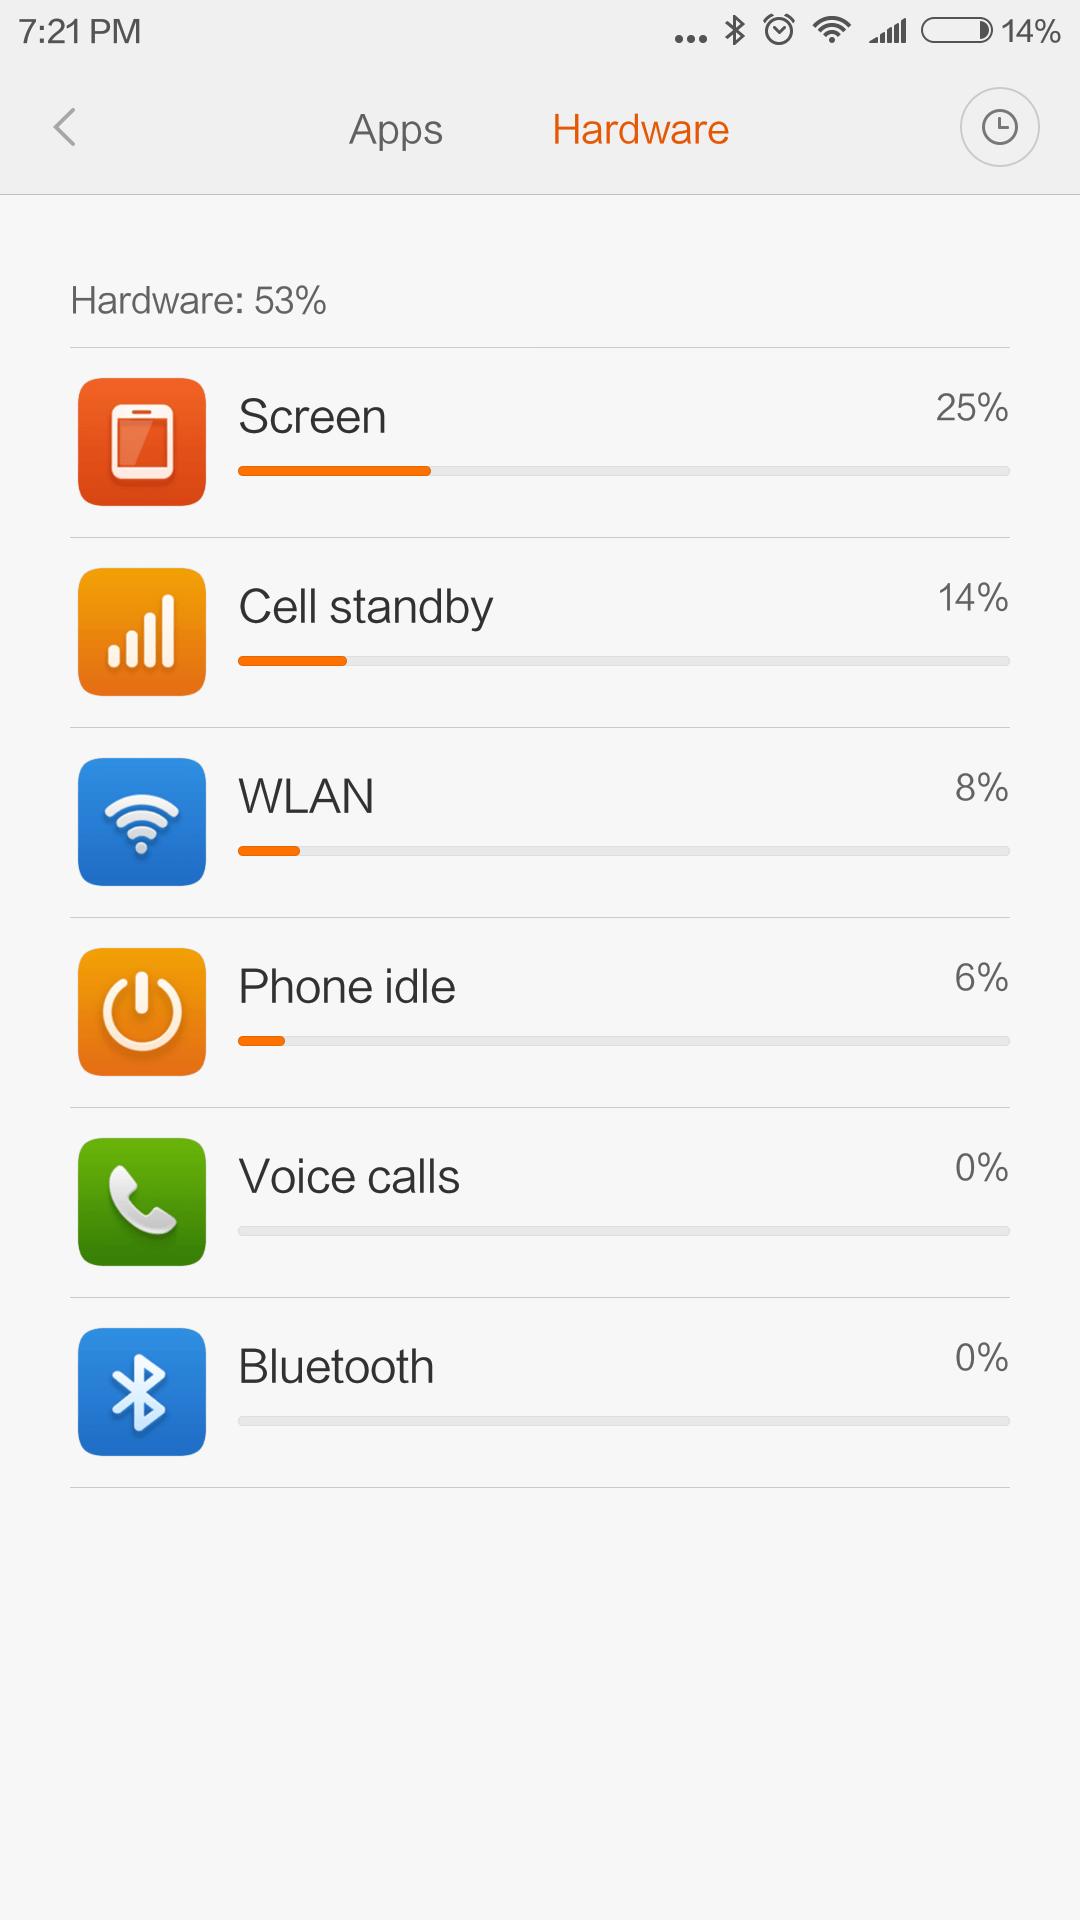 Bezdrátové nabjen chyb stejně jako u ostatnch modelů od Xiaomi Překvapenm je pro nás použit starÅ¡ho MicroUSB konektoru protože některé modely od